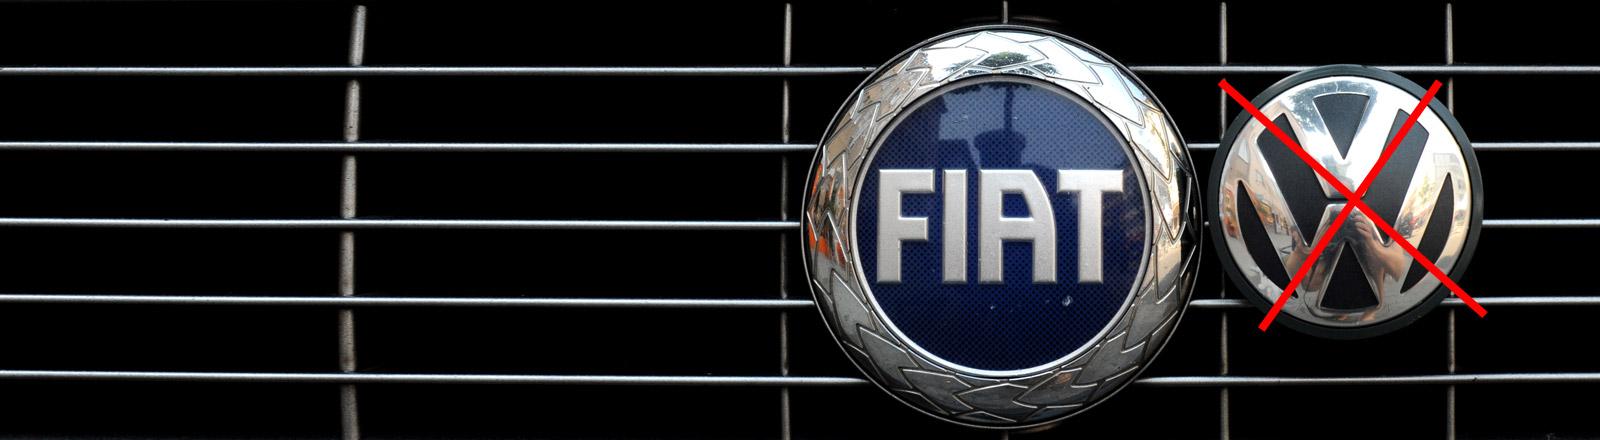 Fiat- und Volkswagenlogo